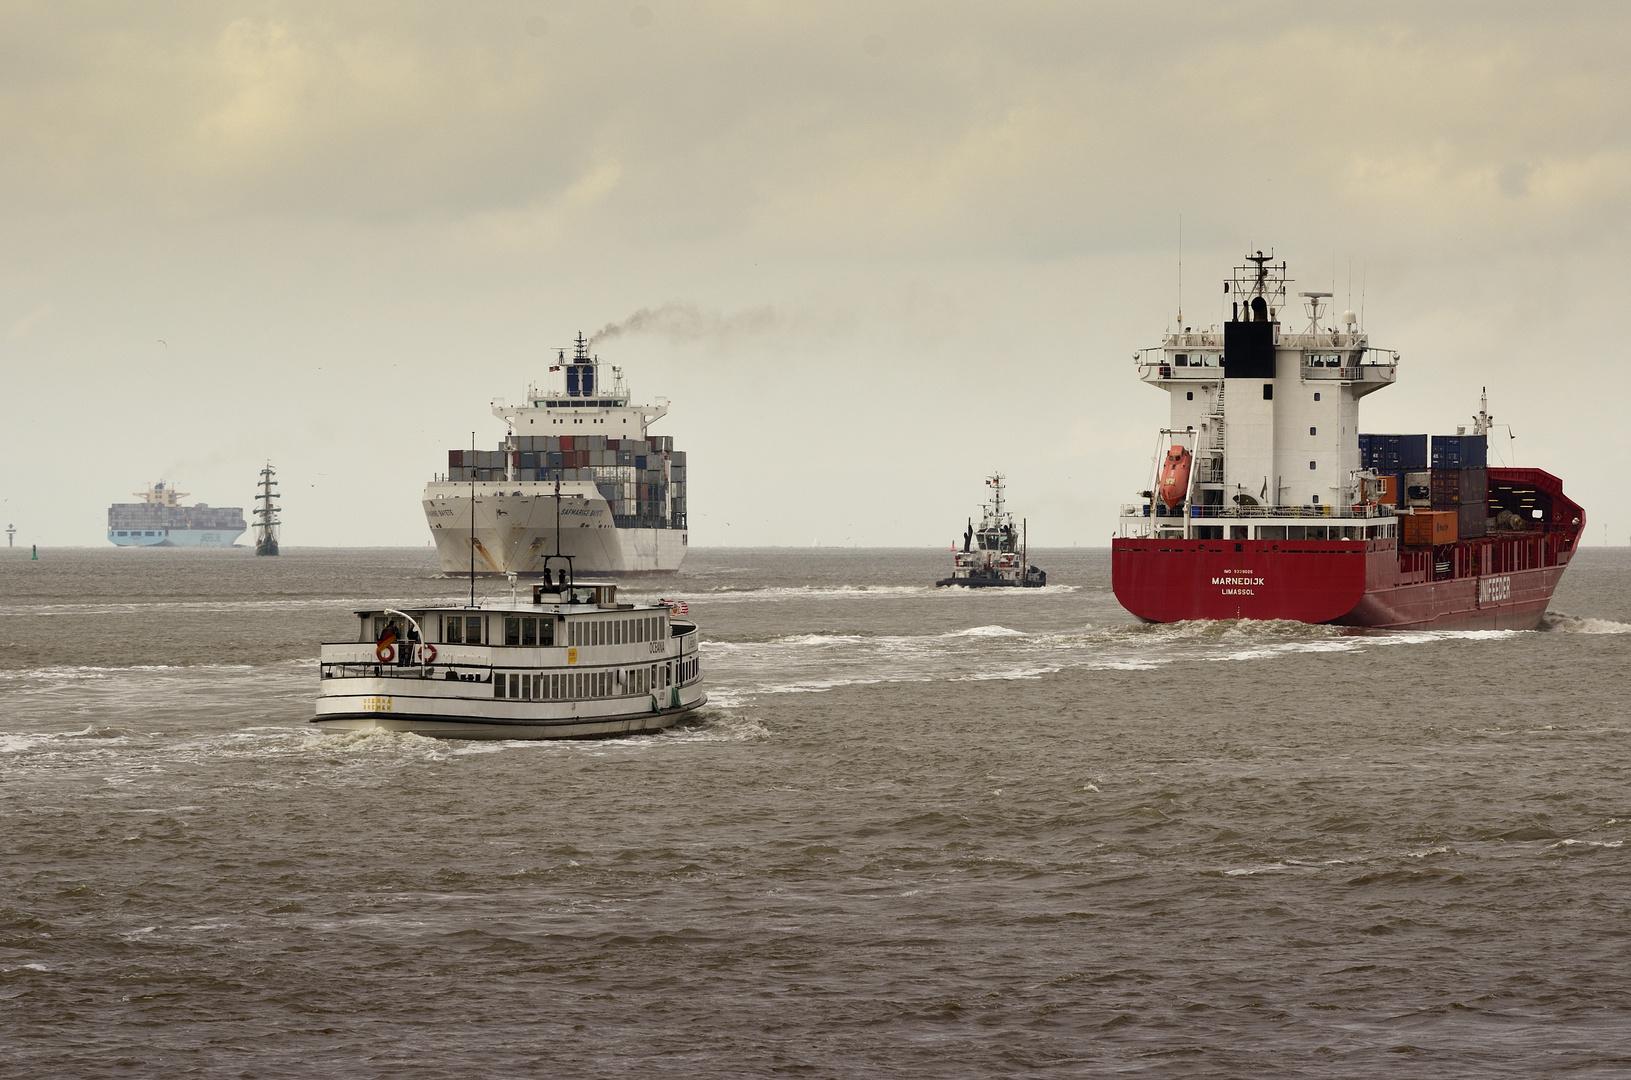 Ein Foto – mehr als 100 Jahre Schifffahrtsgeschichte.